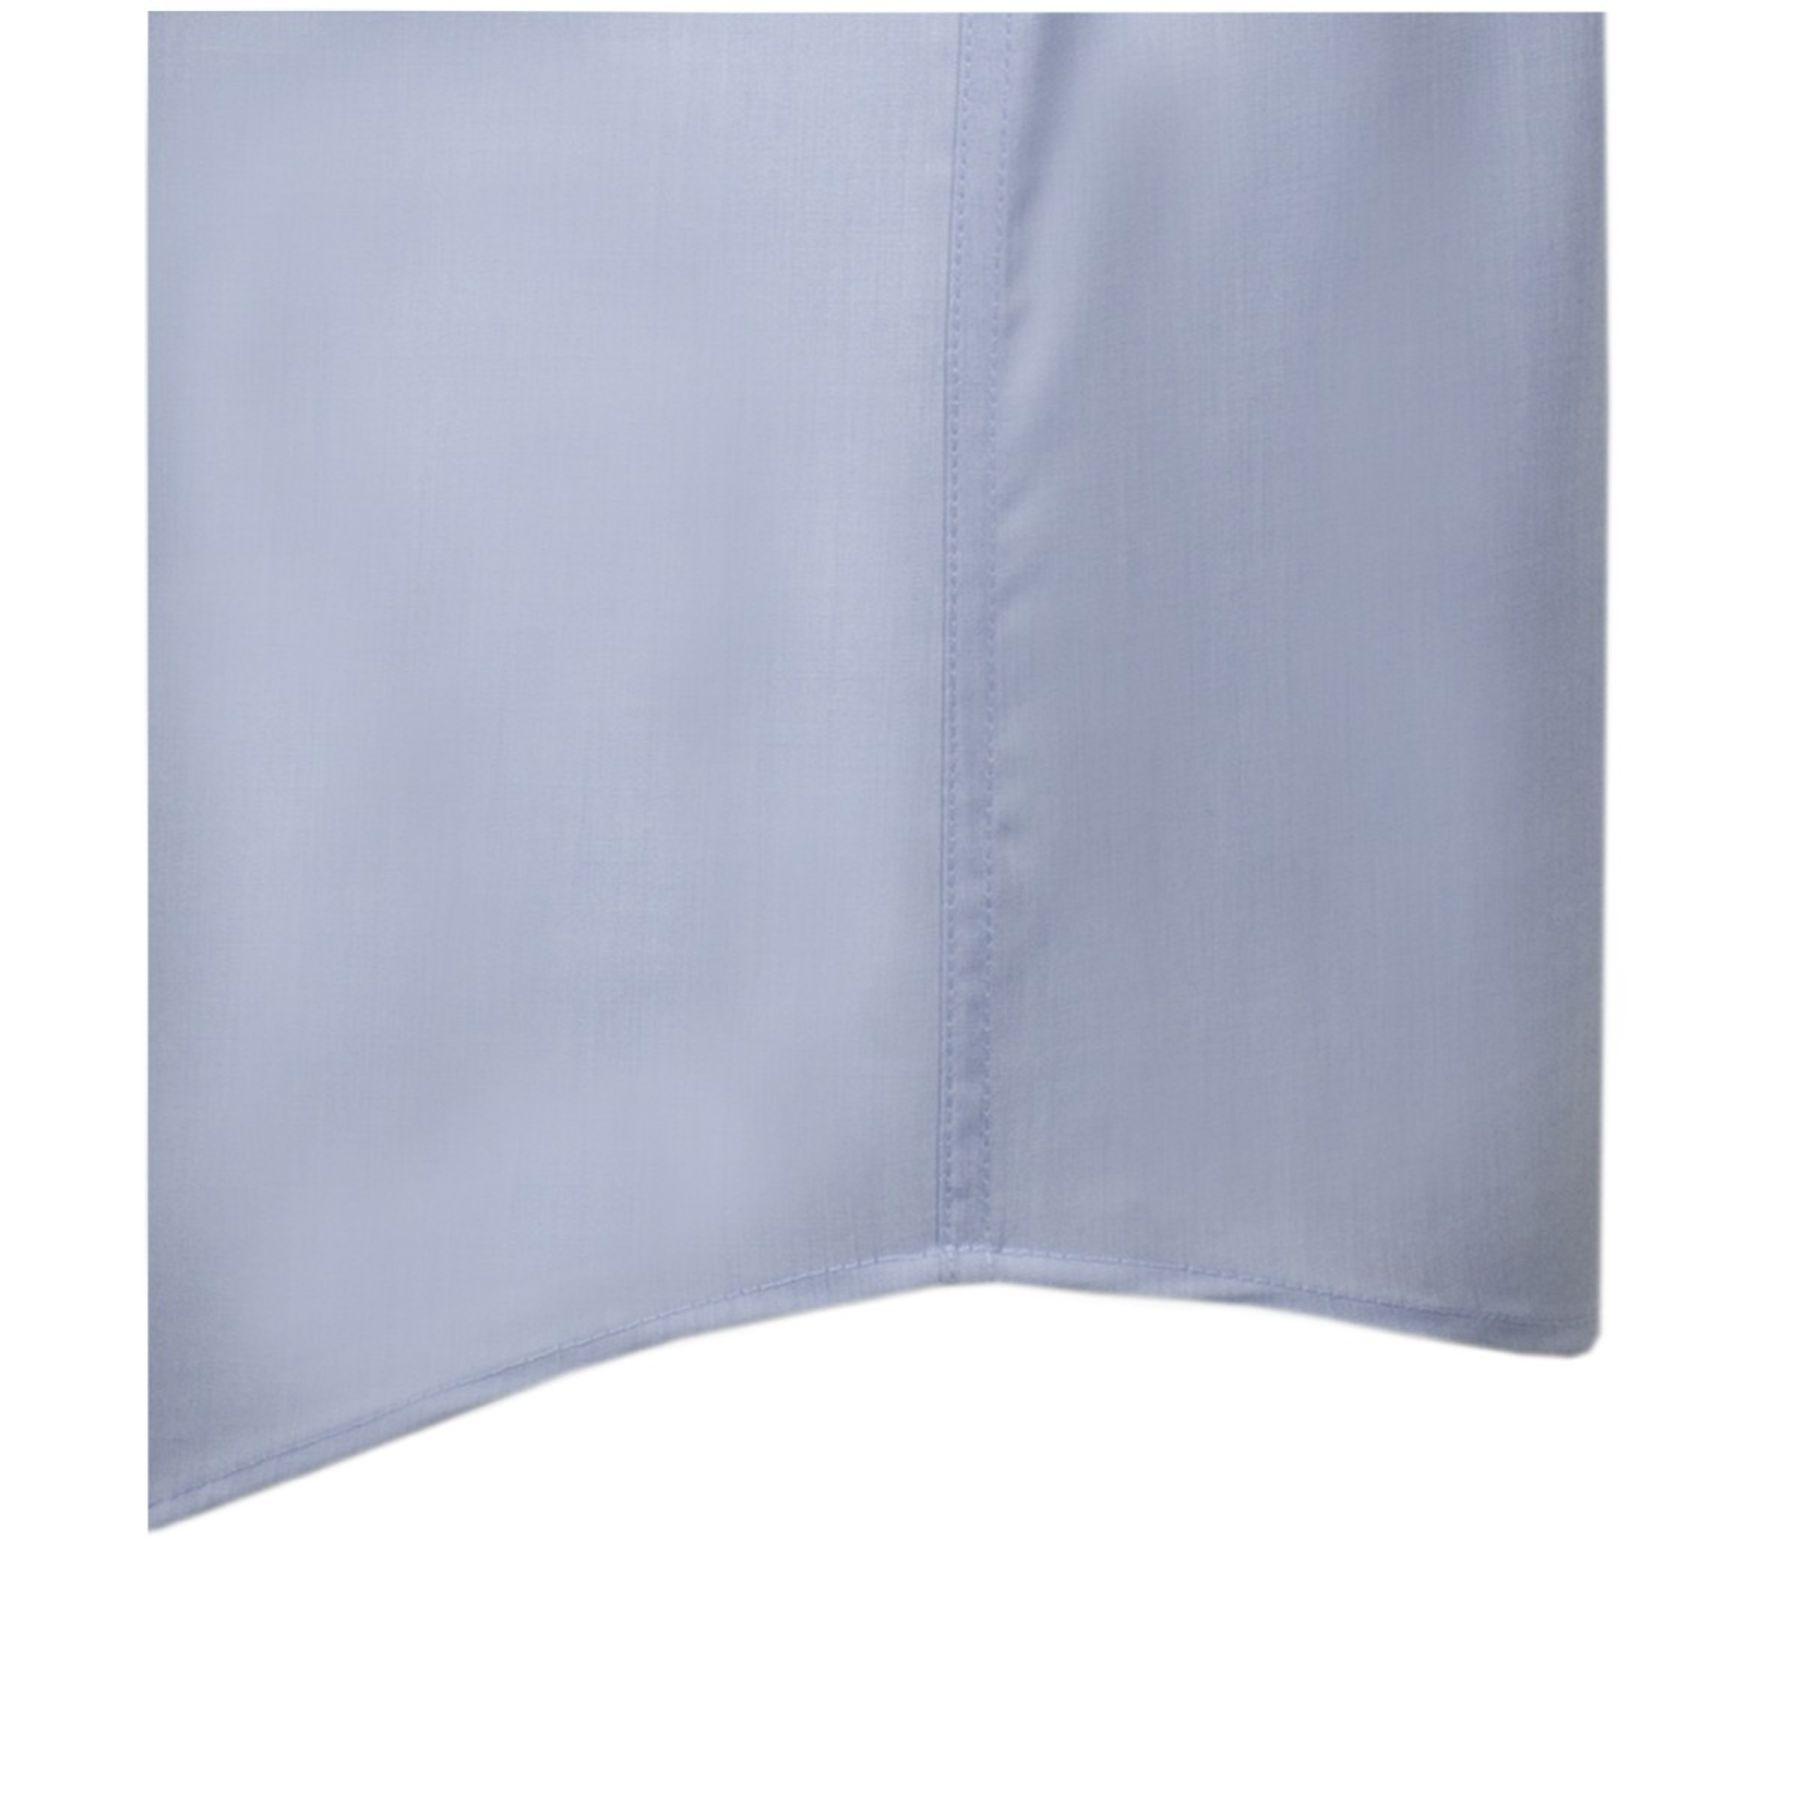 Seidensticker - Herren Hemd 1/2 Arm, Bügelfrei, Comfort, Schwarze Rose mit Kent Kragen in Blau (01.312431) – Bild 3